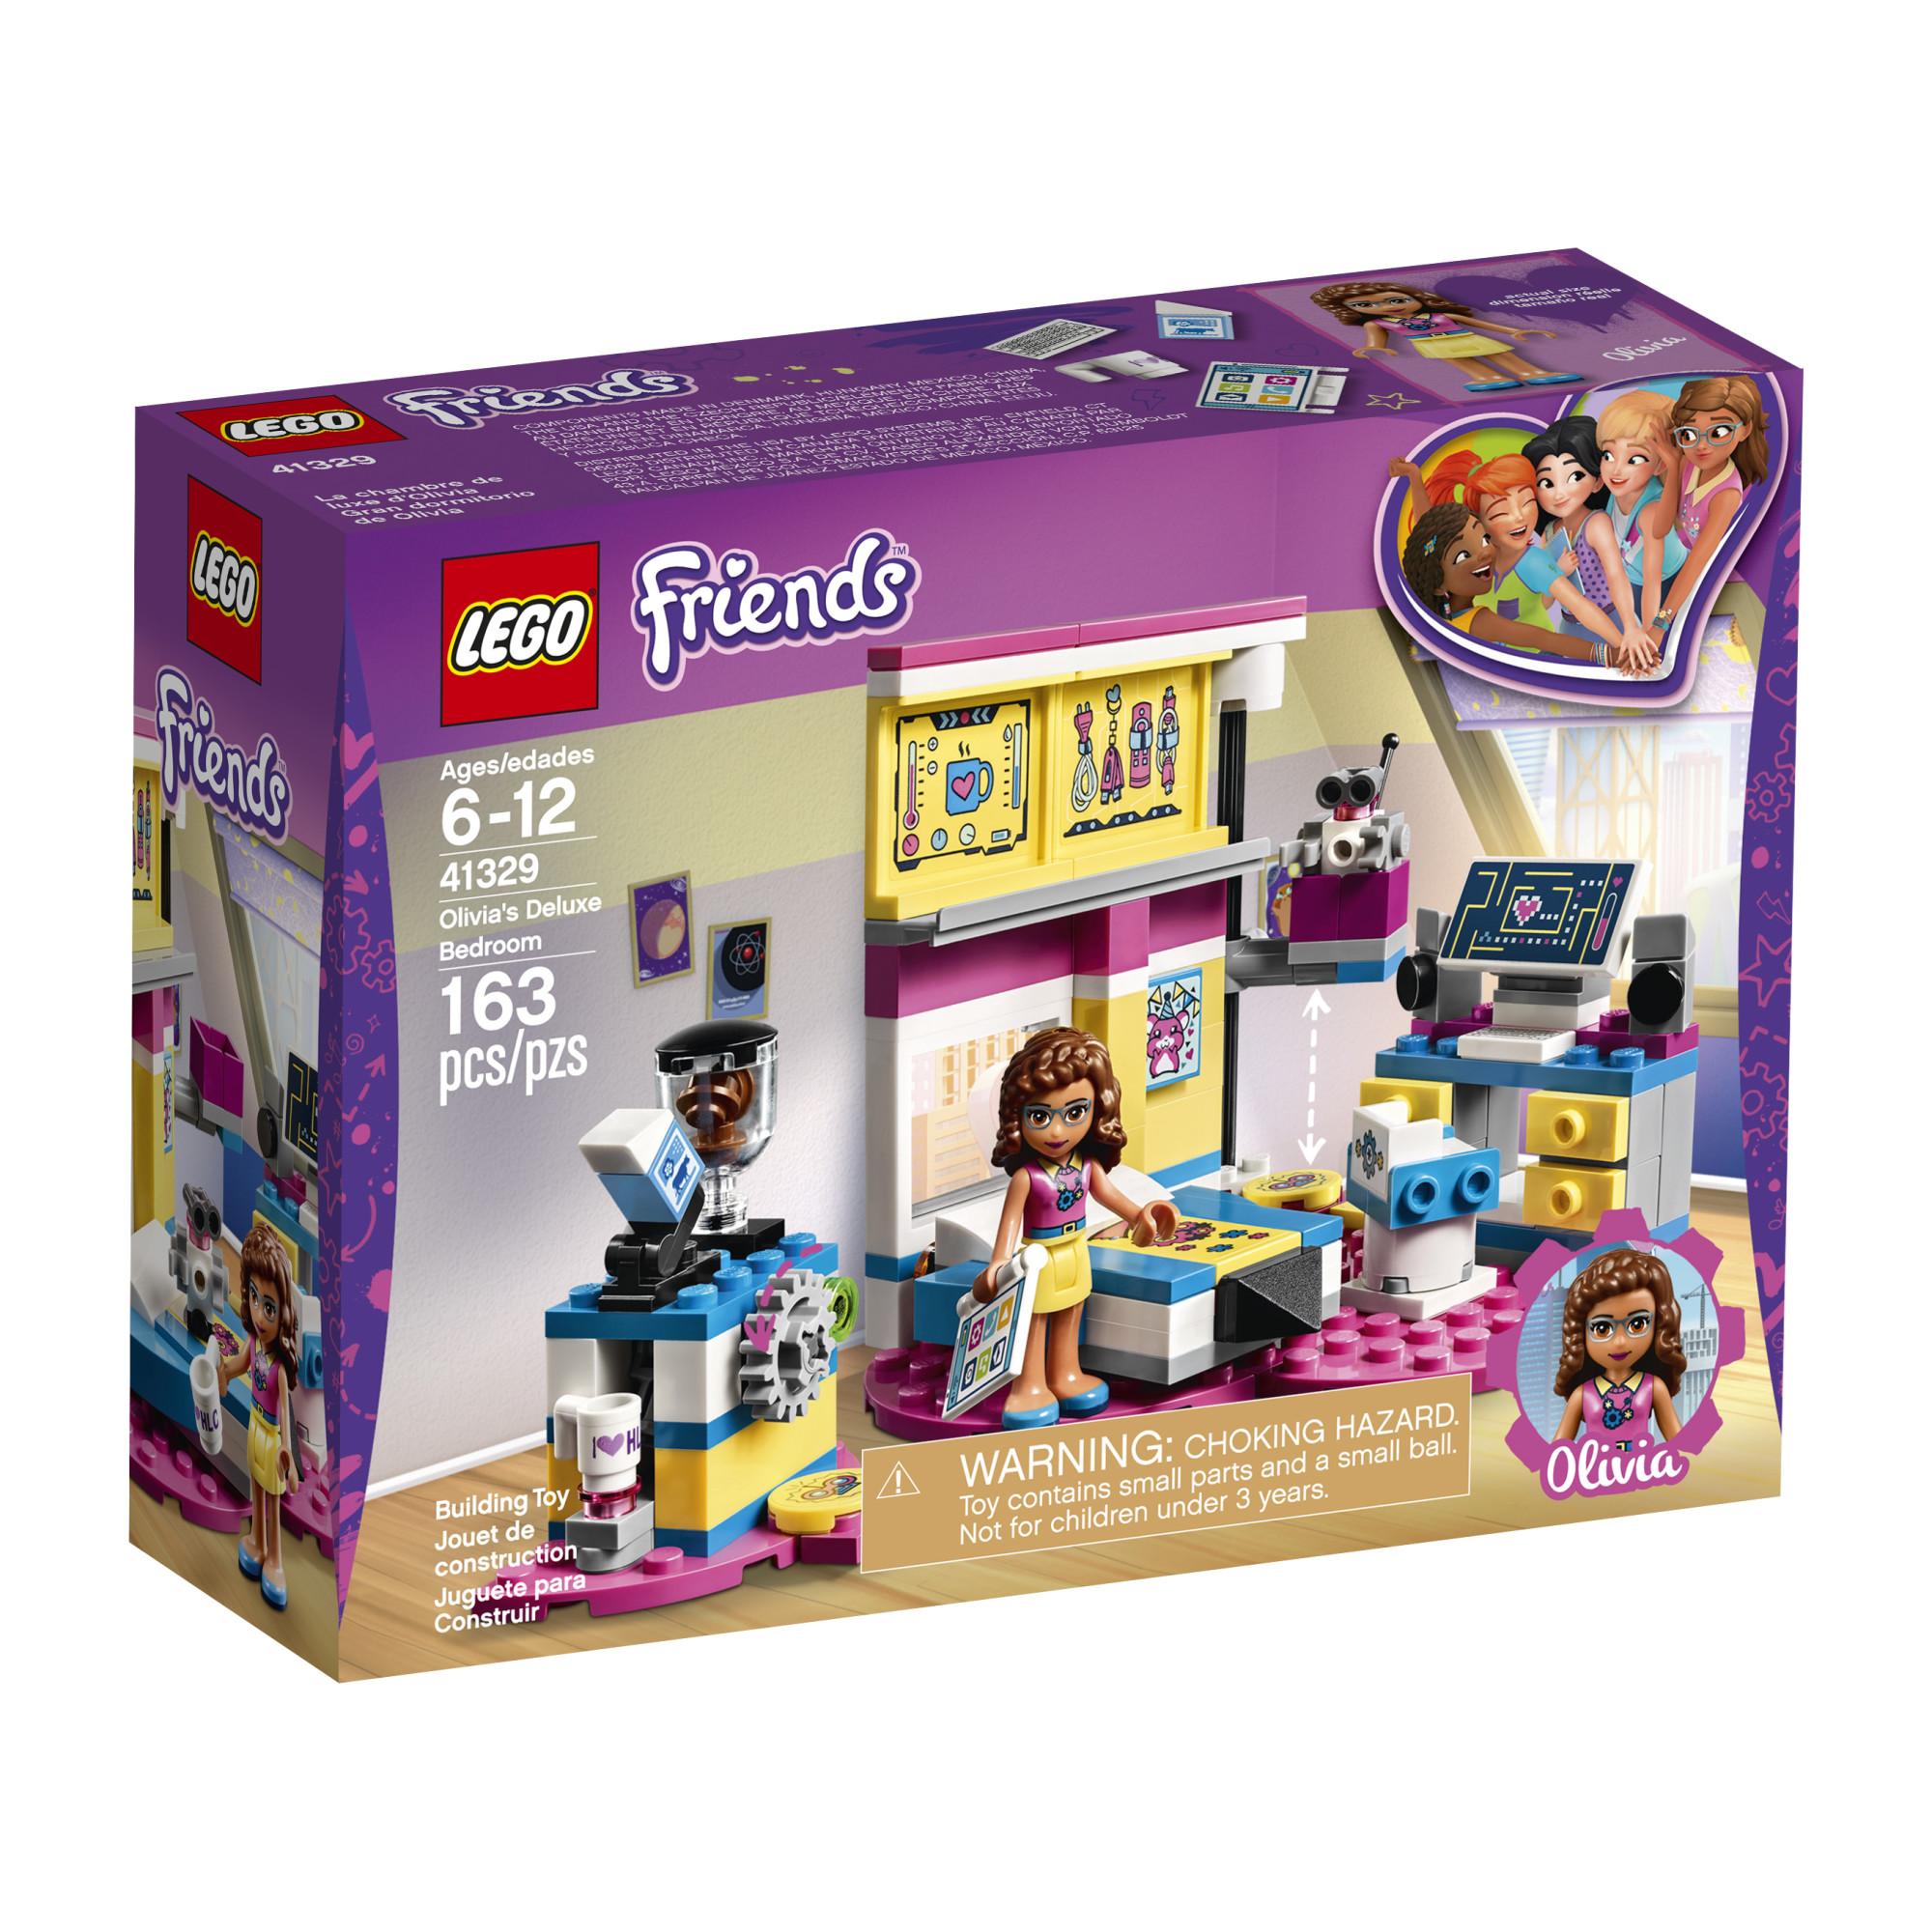 LEGO Friends Olivia's Deluxe Bedroom 41329 PartNumber: A015651351 KsnValue: 7739413 MfgPartNumber: 6212829